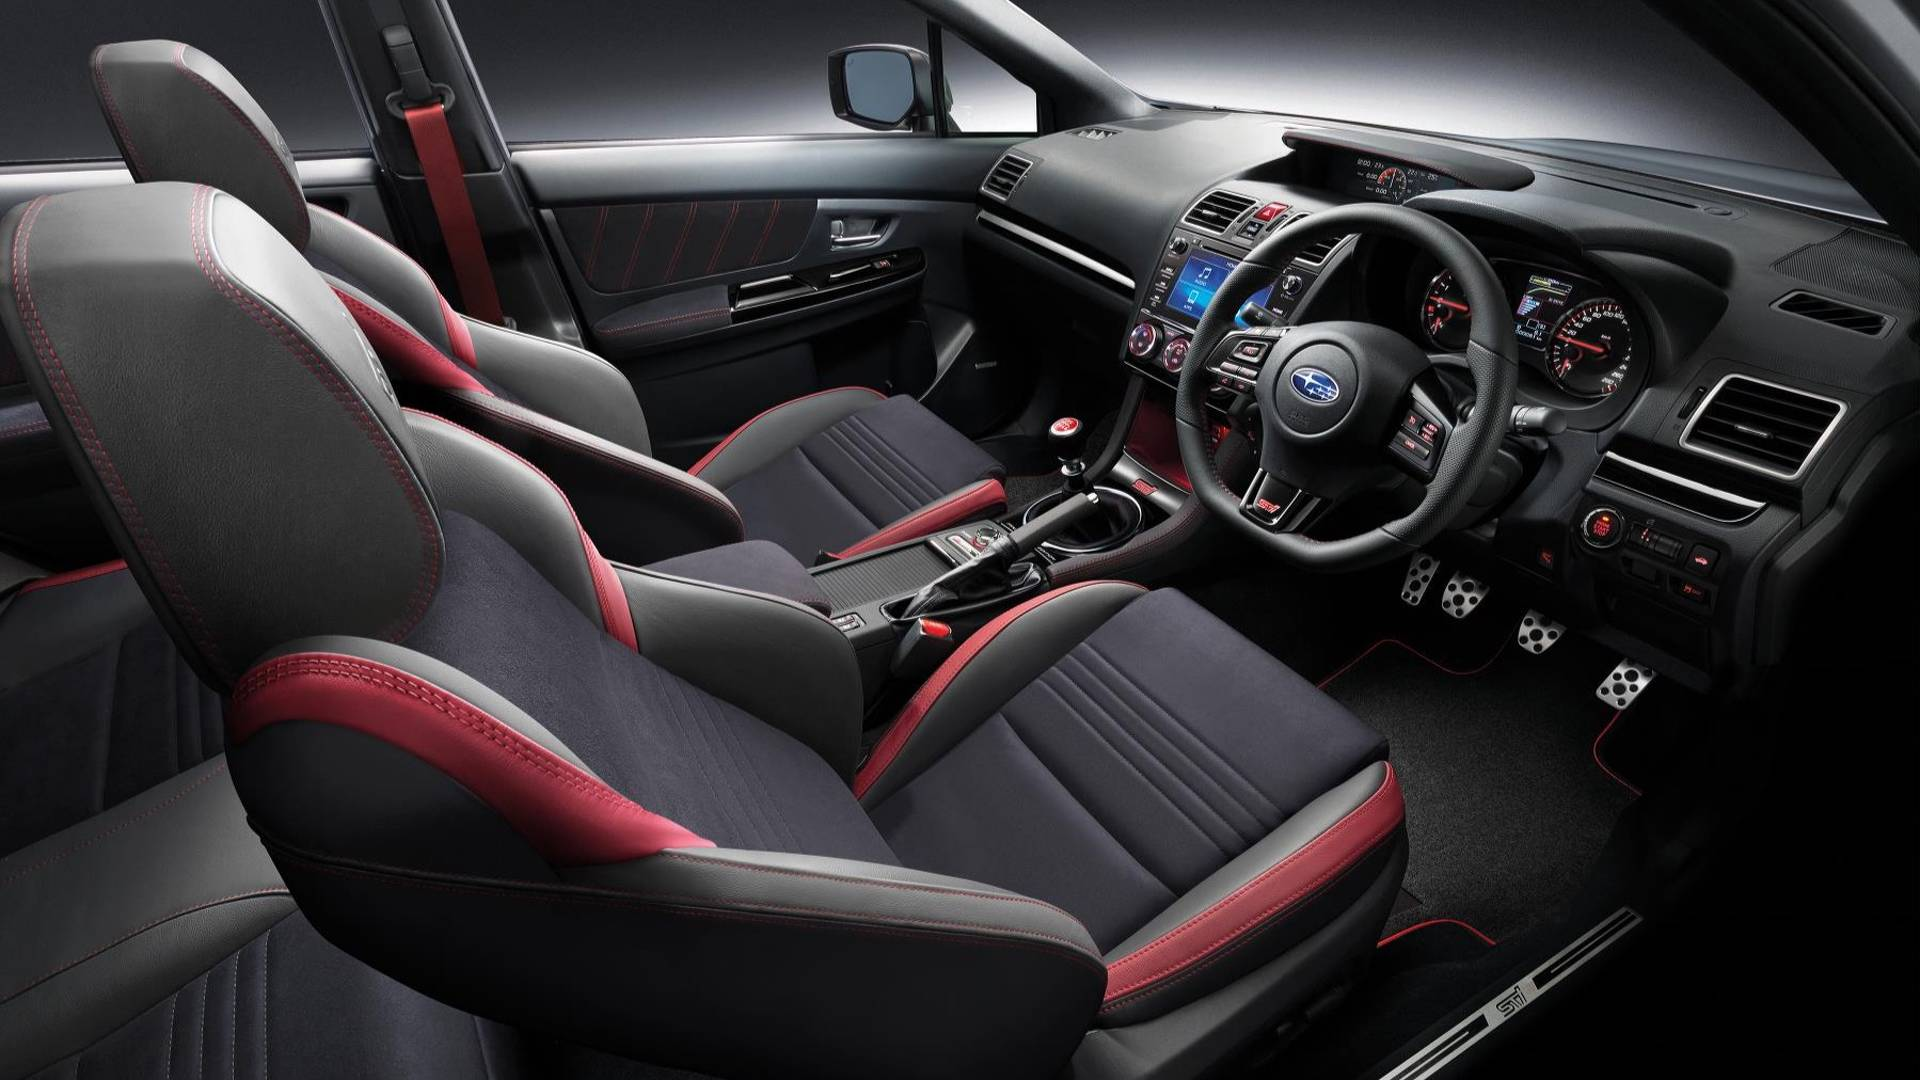 2018 subaru wrx sti hatchback.  2018 2018 Subaru WRX STI Final Edition UK Model And Subaru Wrx Sti Hatchback